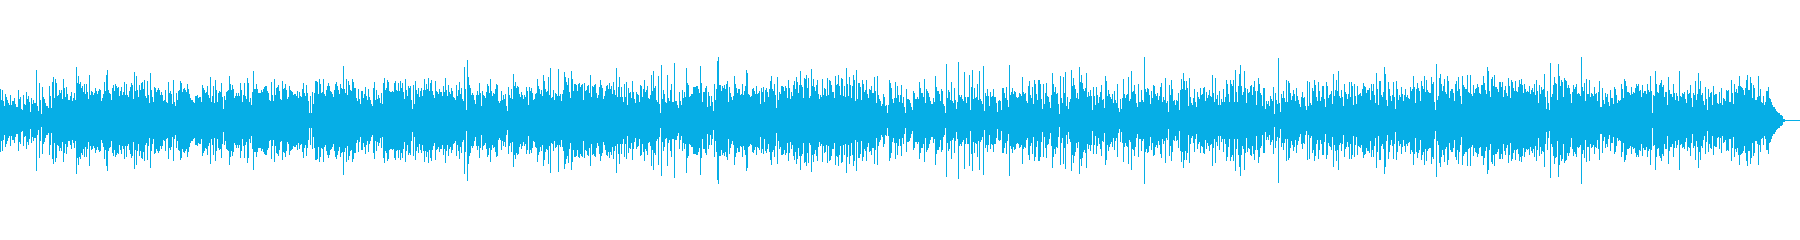 サックスとギターのほのぼのとしたボサノバの再生済みの波形